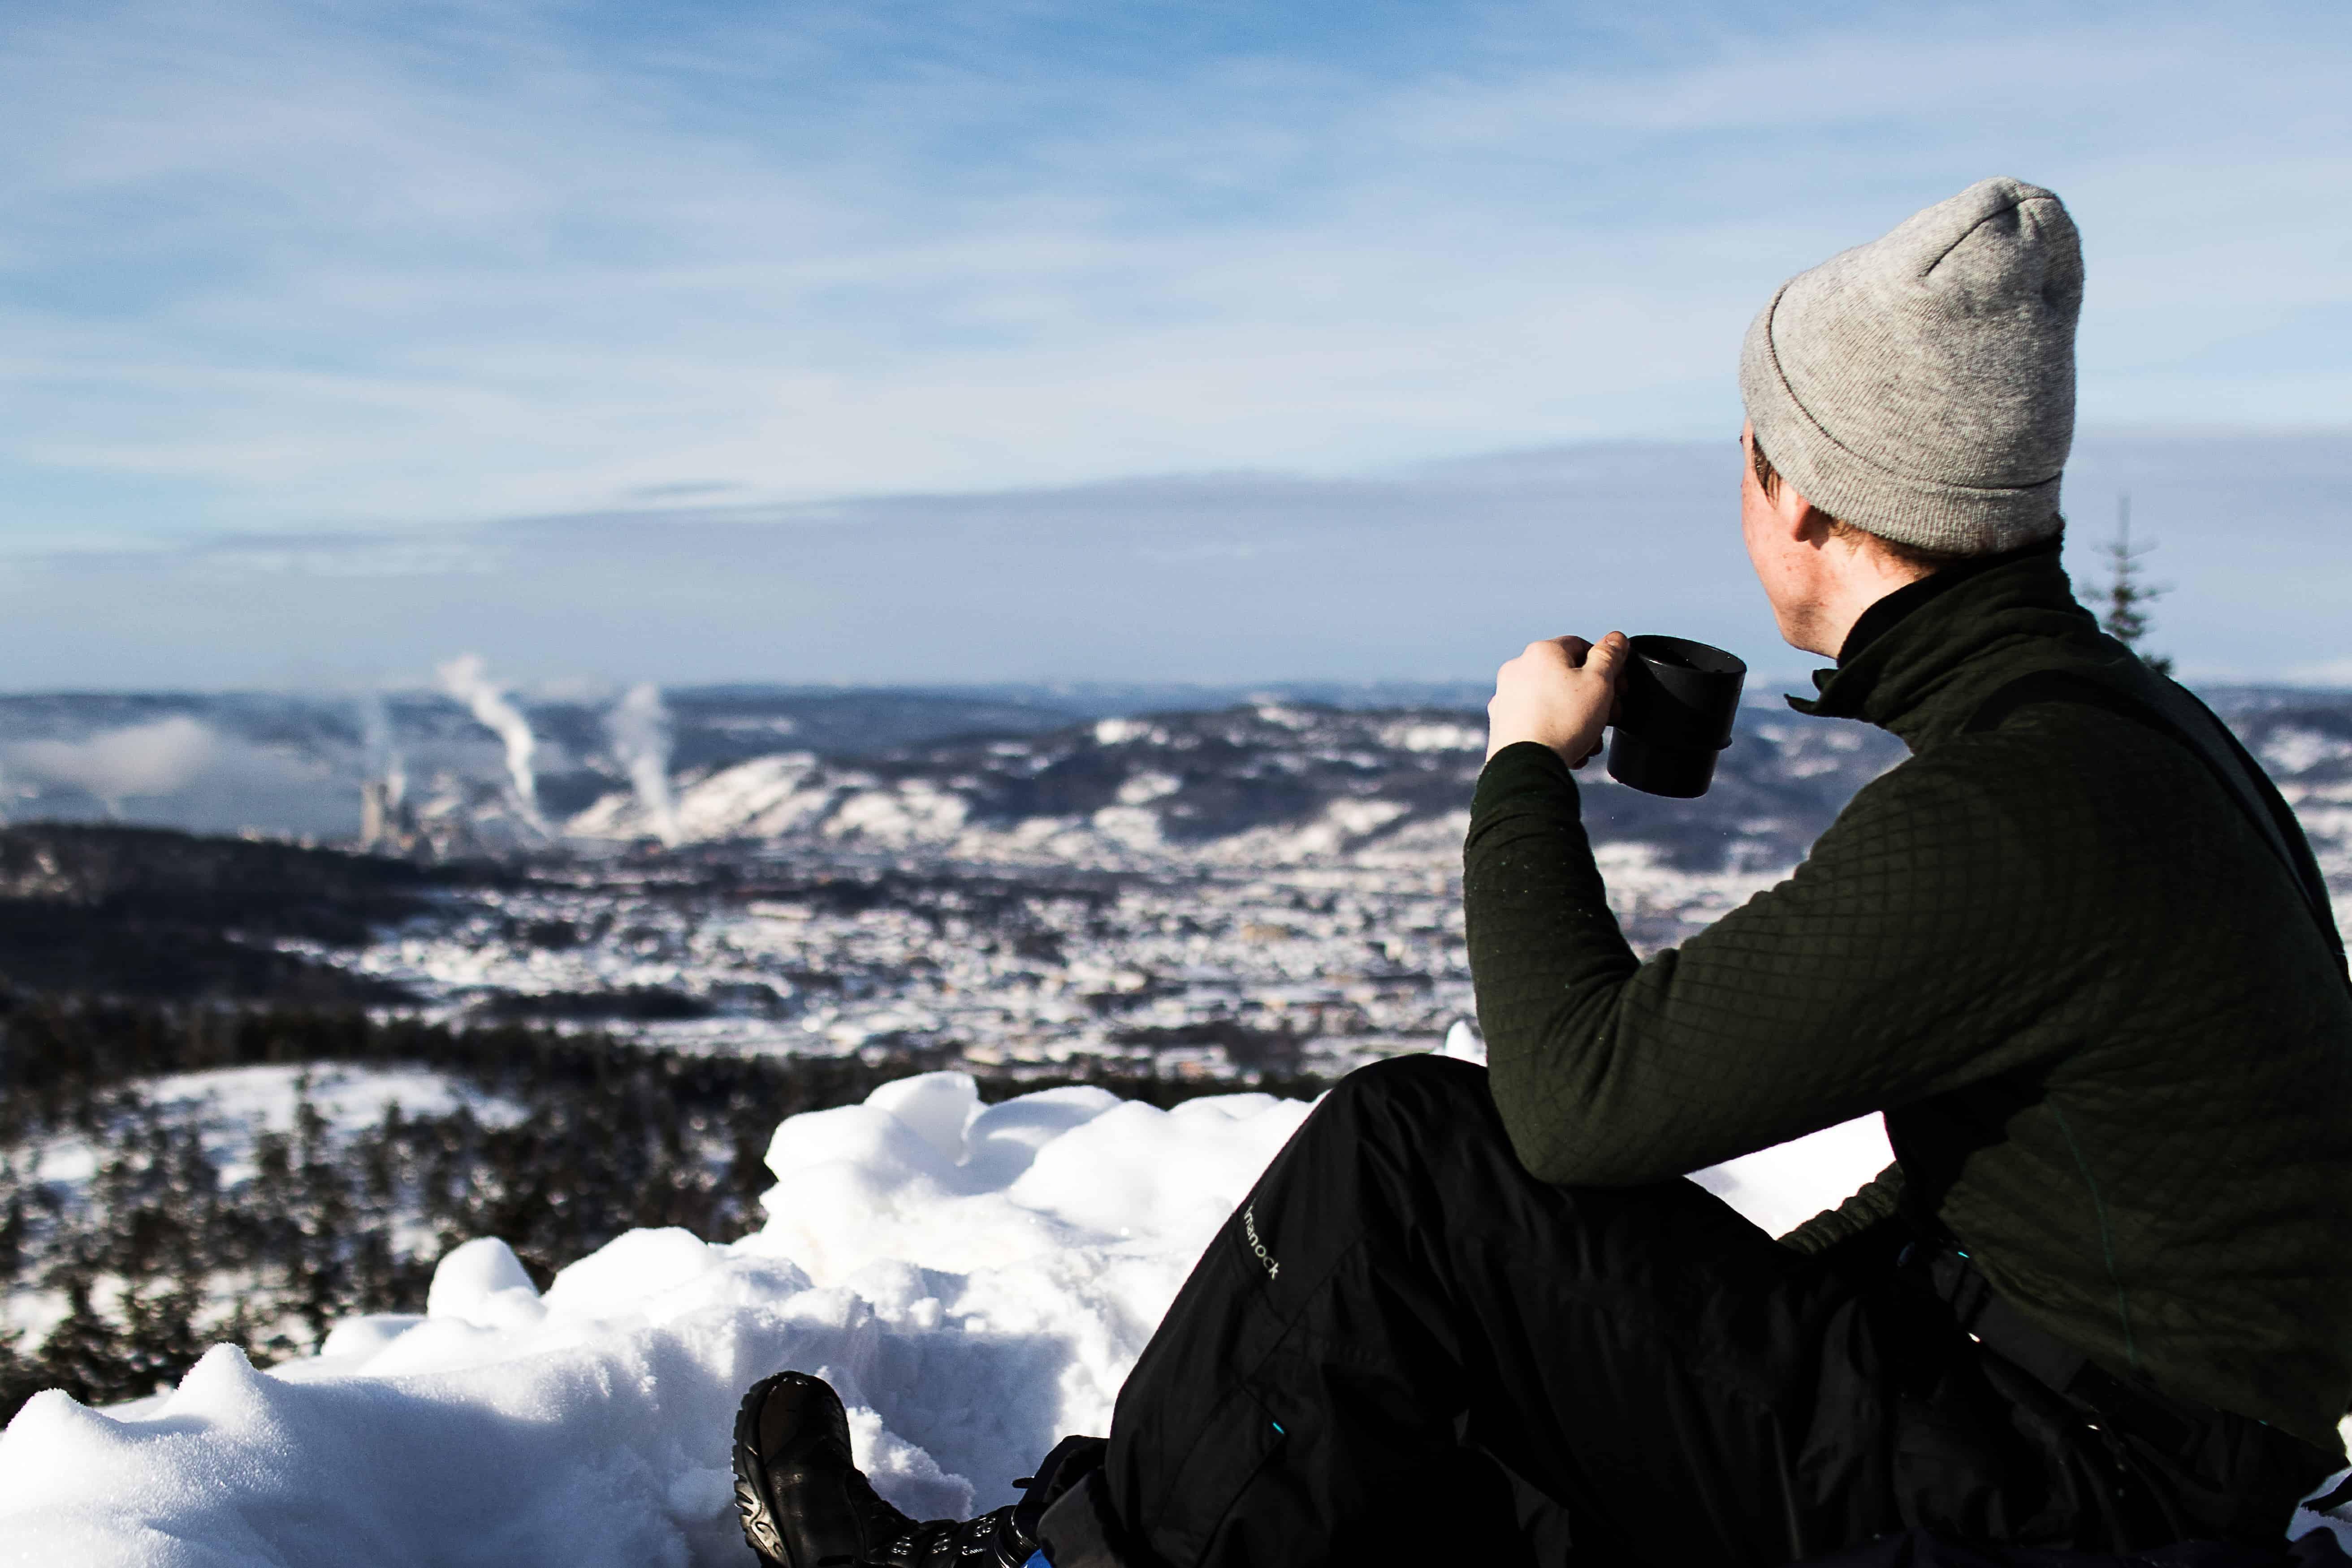 Värmande långkalsonger skyddar mot kyla och vind